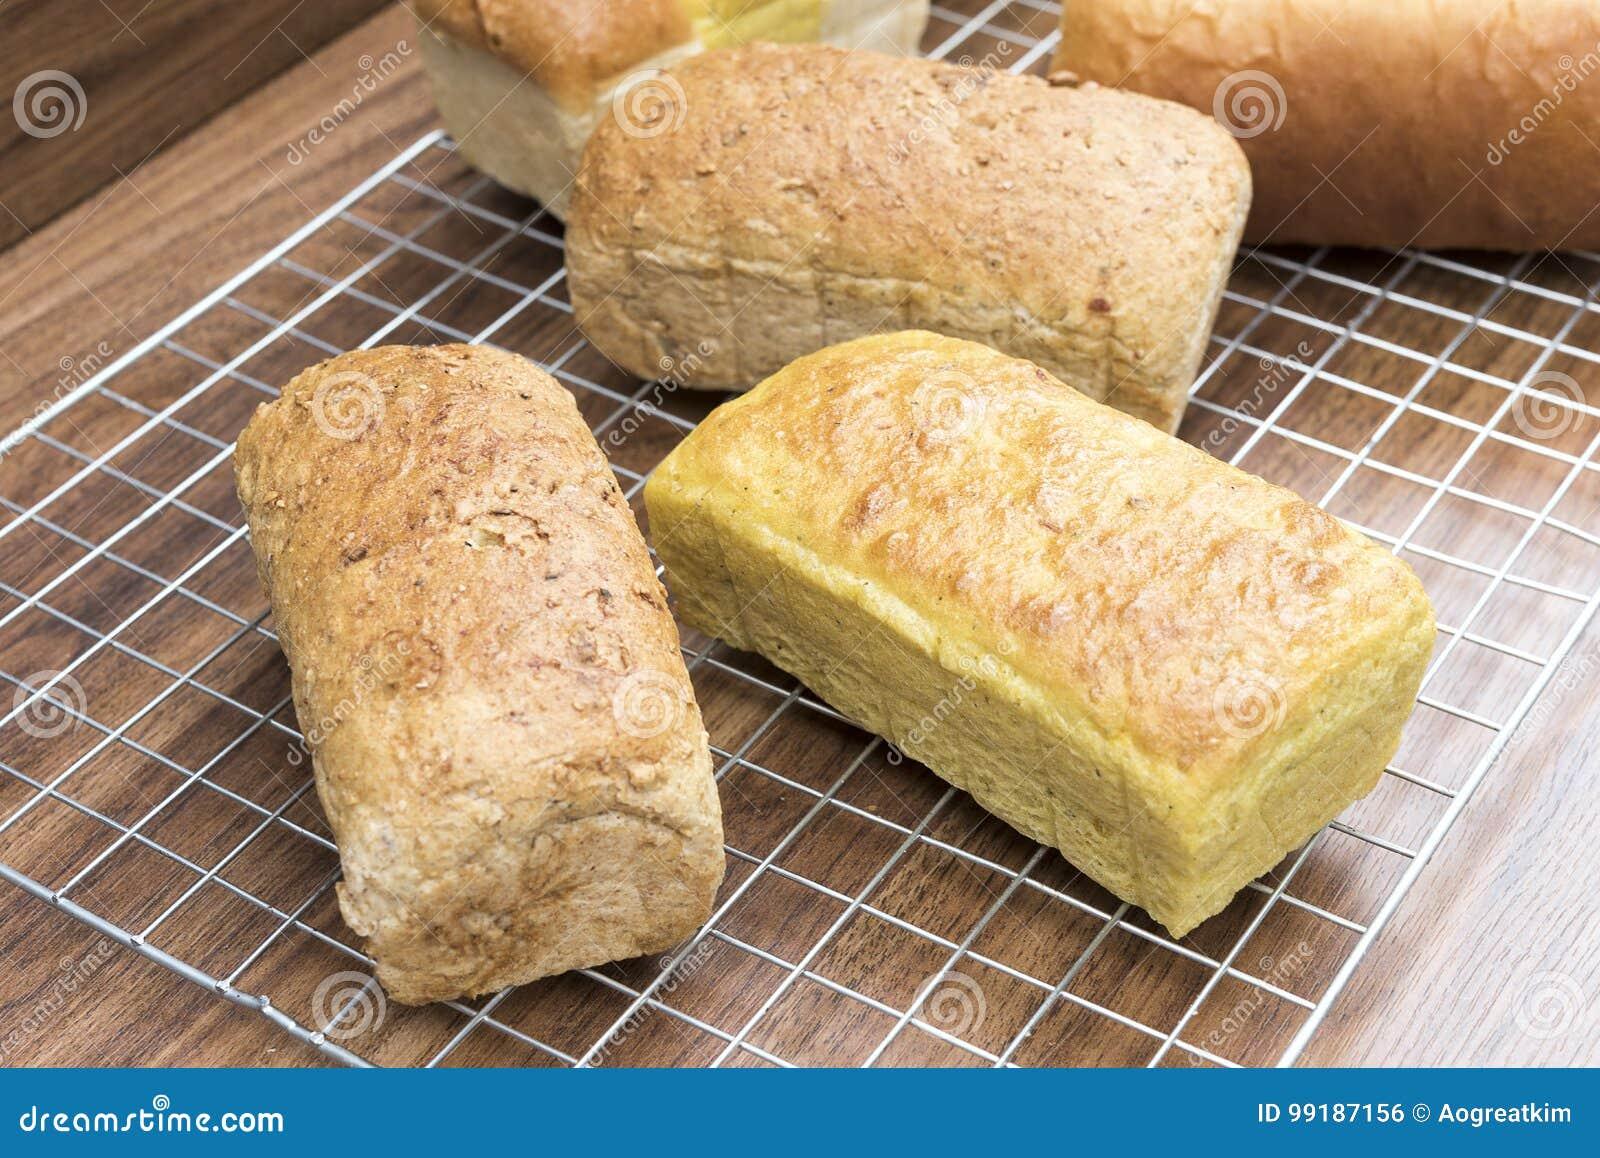 Pan mezclado de muchos panes hechos en casa en la tabla de madera